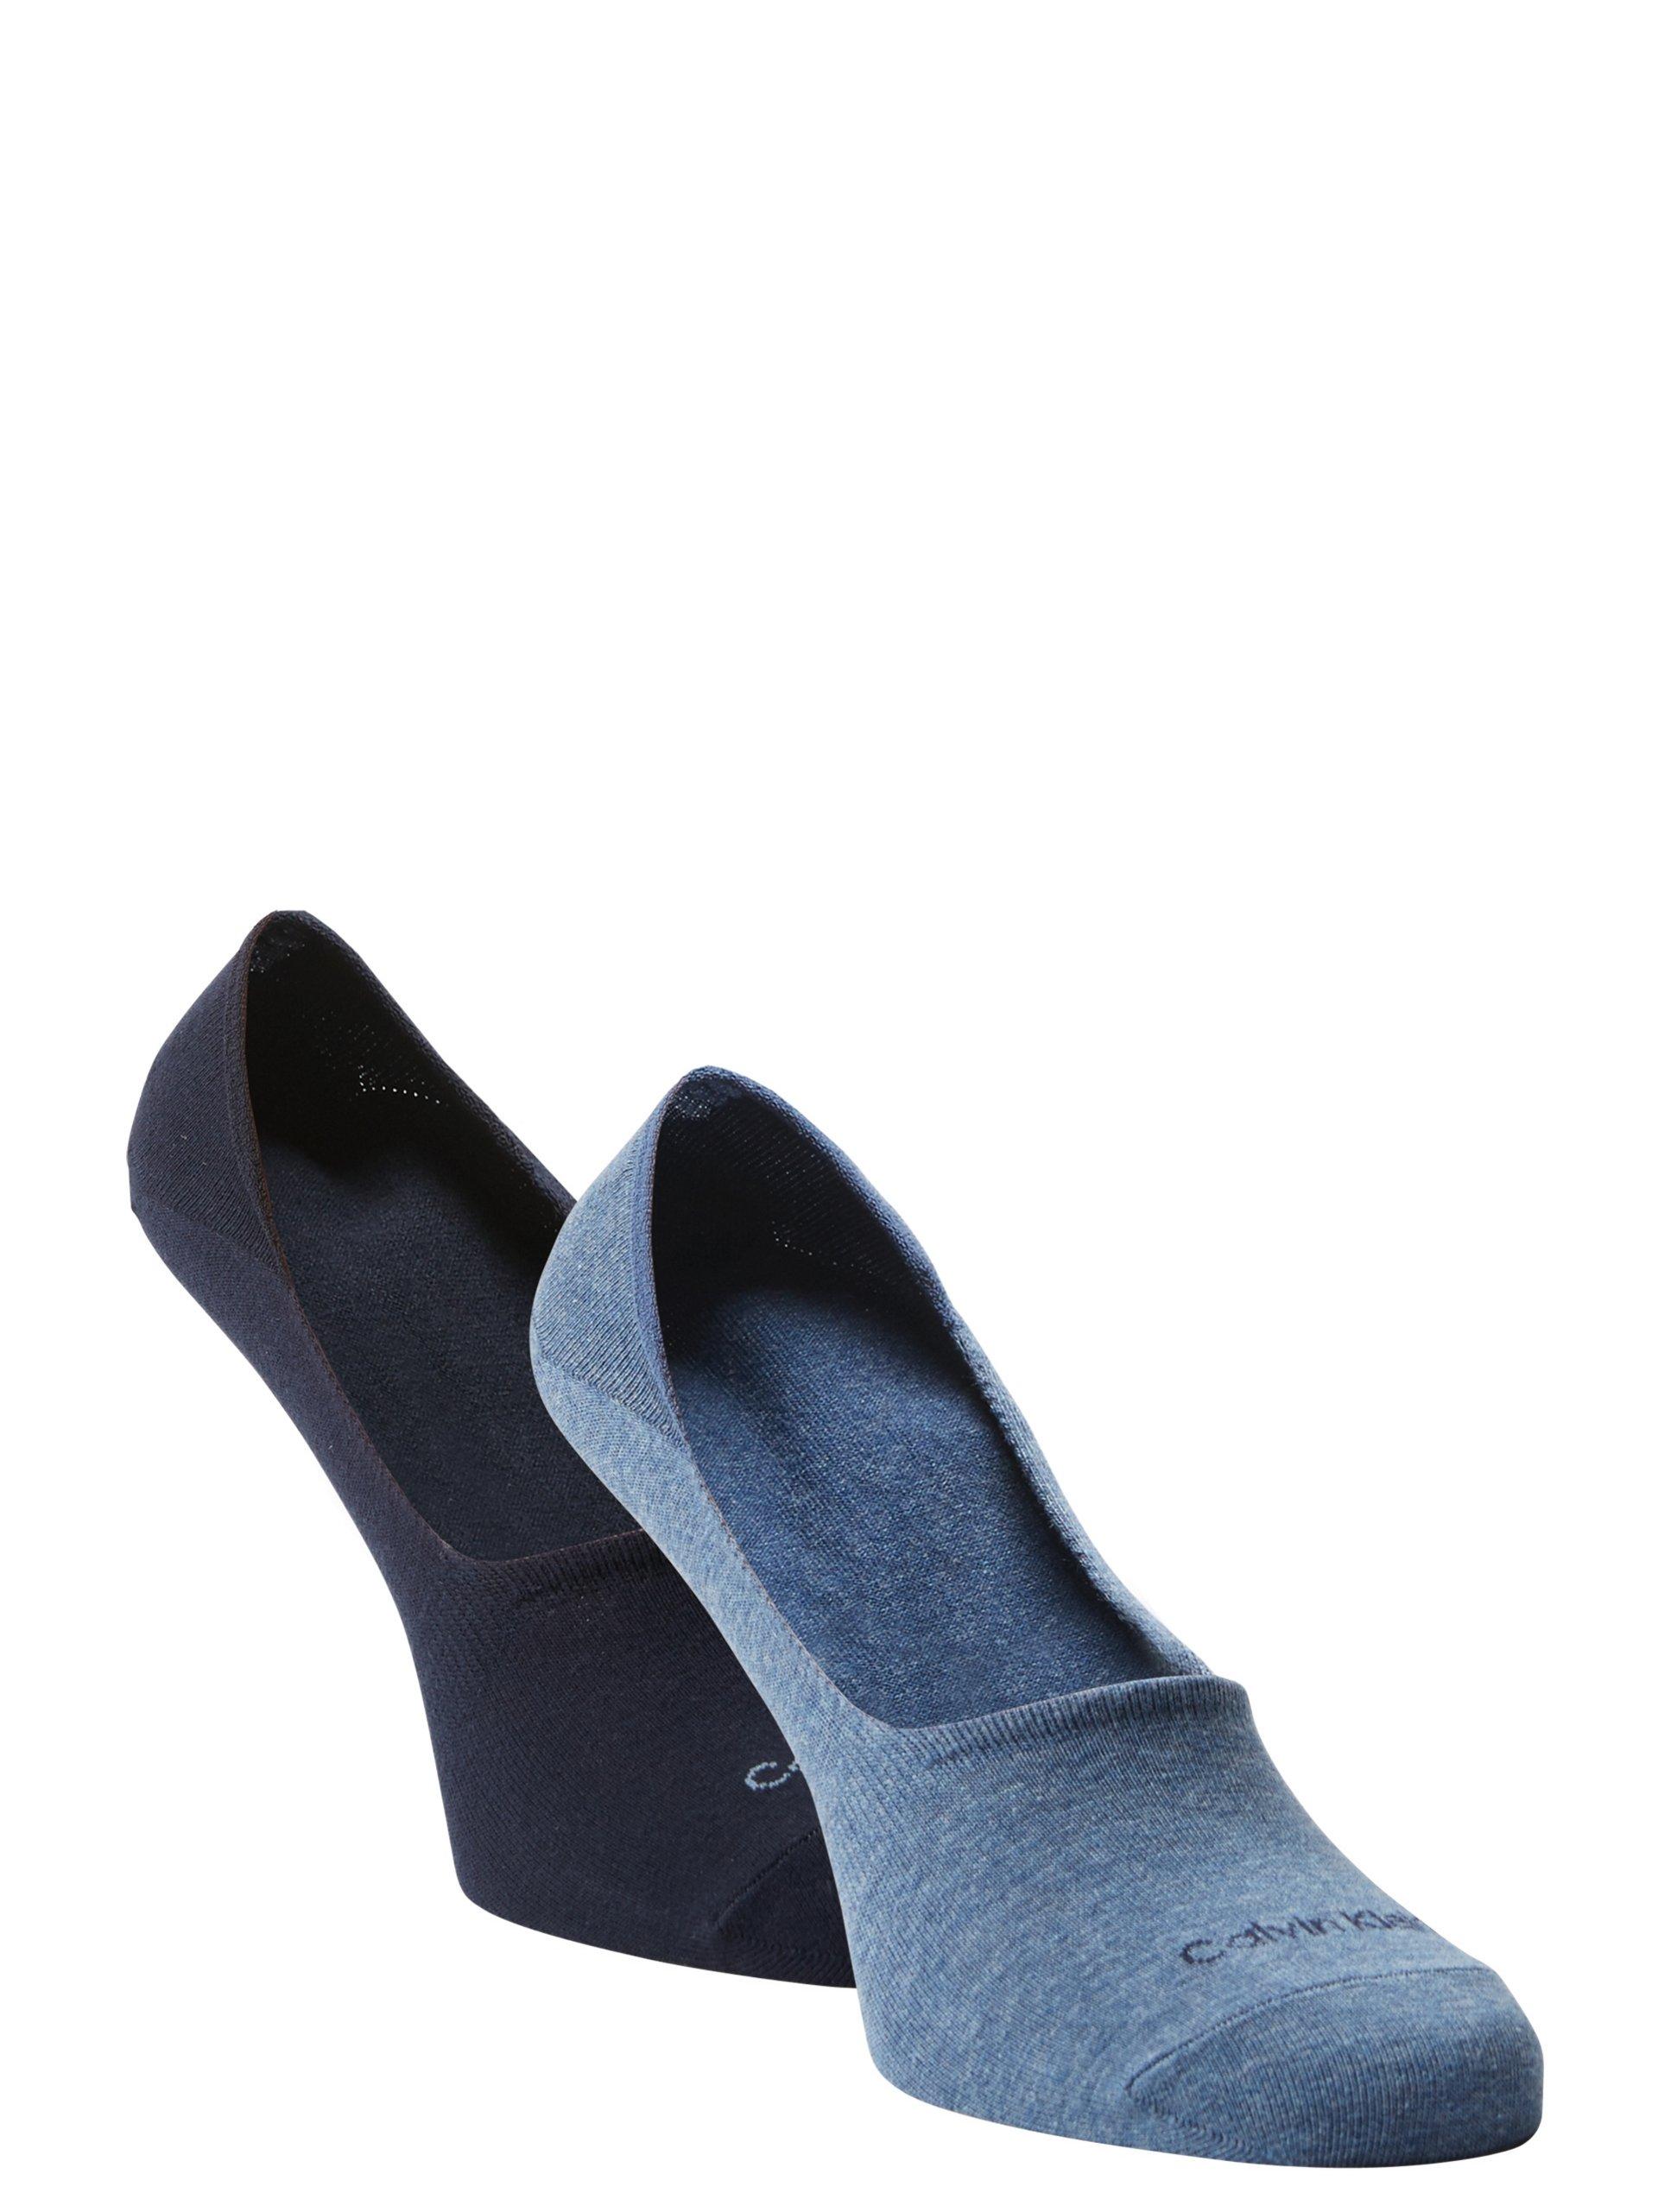 Calvin Klein Męskie skarpety do obuwia sportowego pakowane po 2 szt.